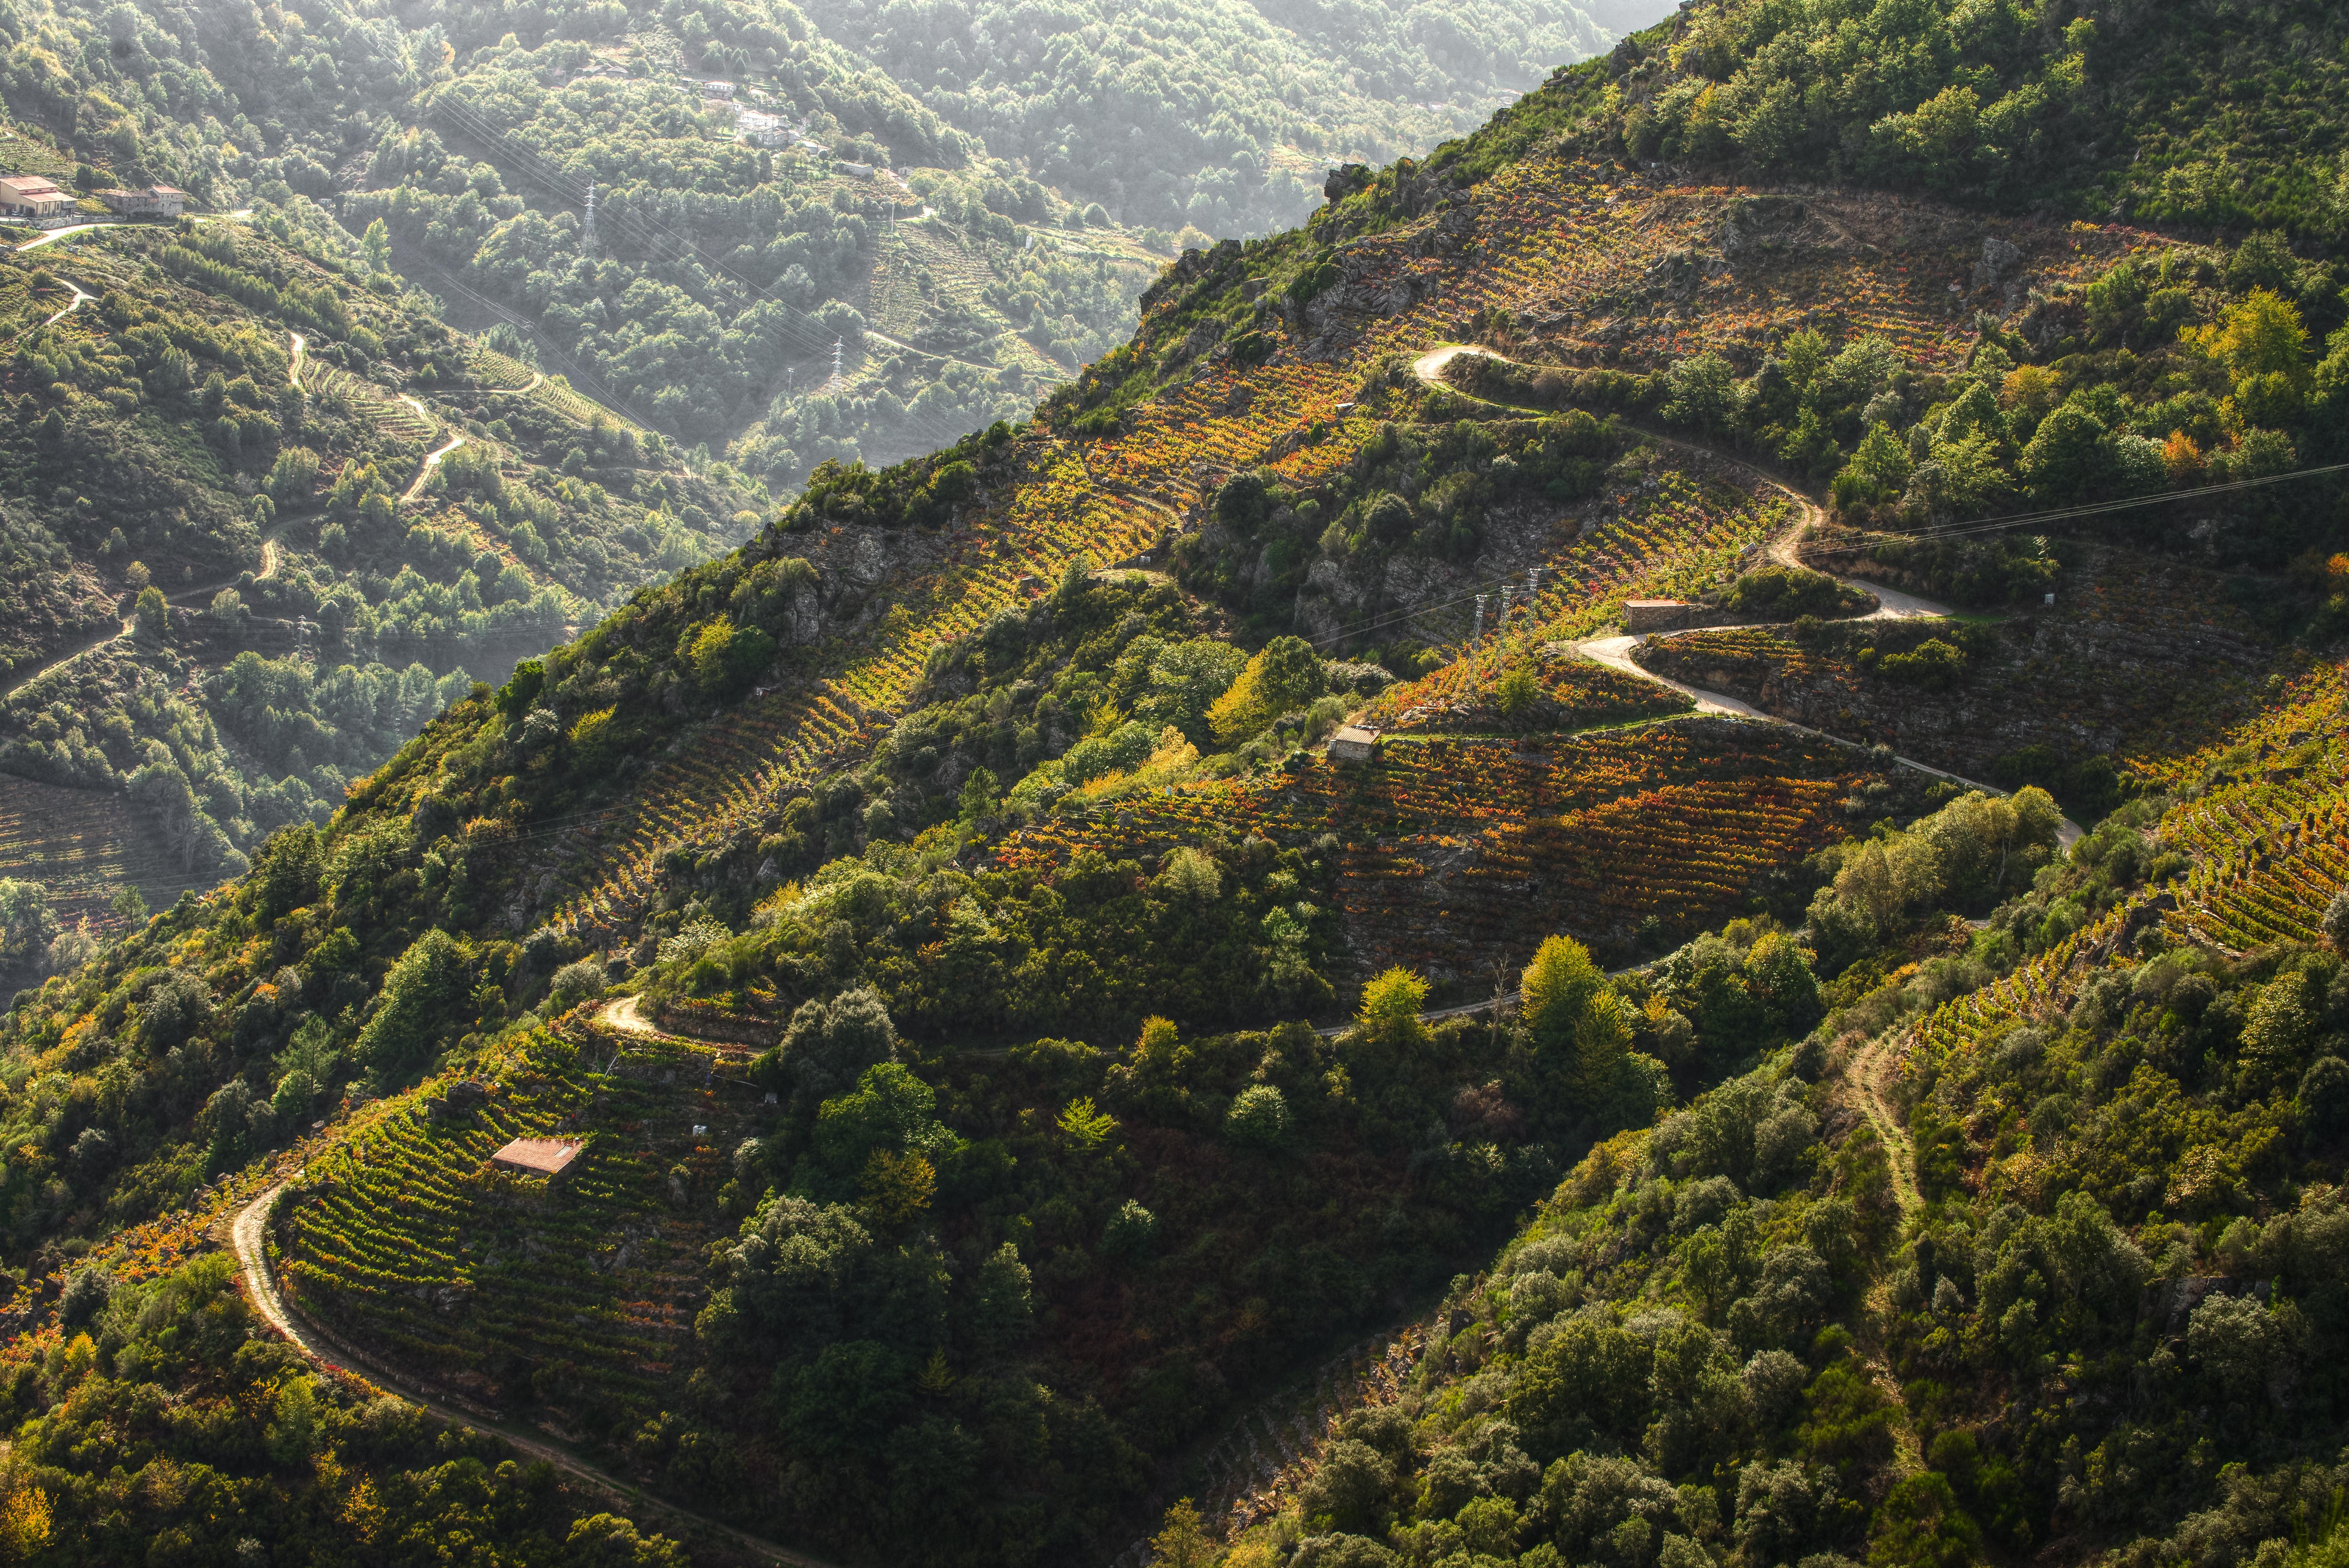 Rias_Baixas_Galicia_Spain_vineyard